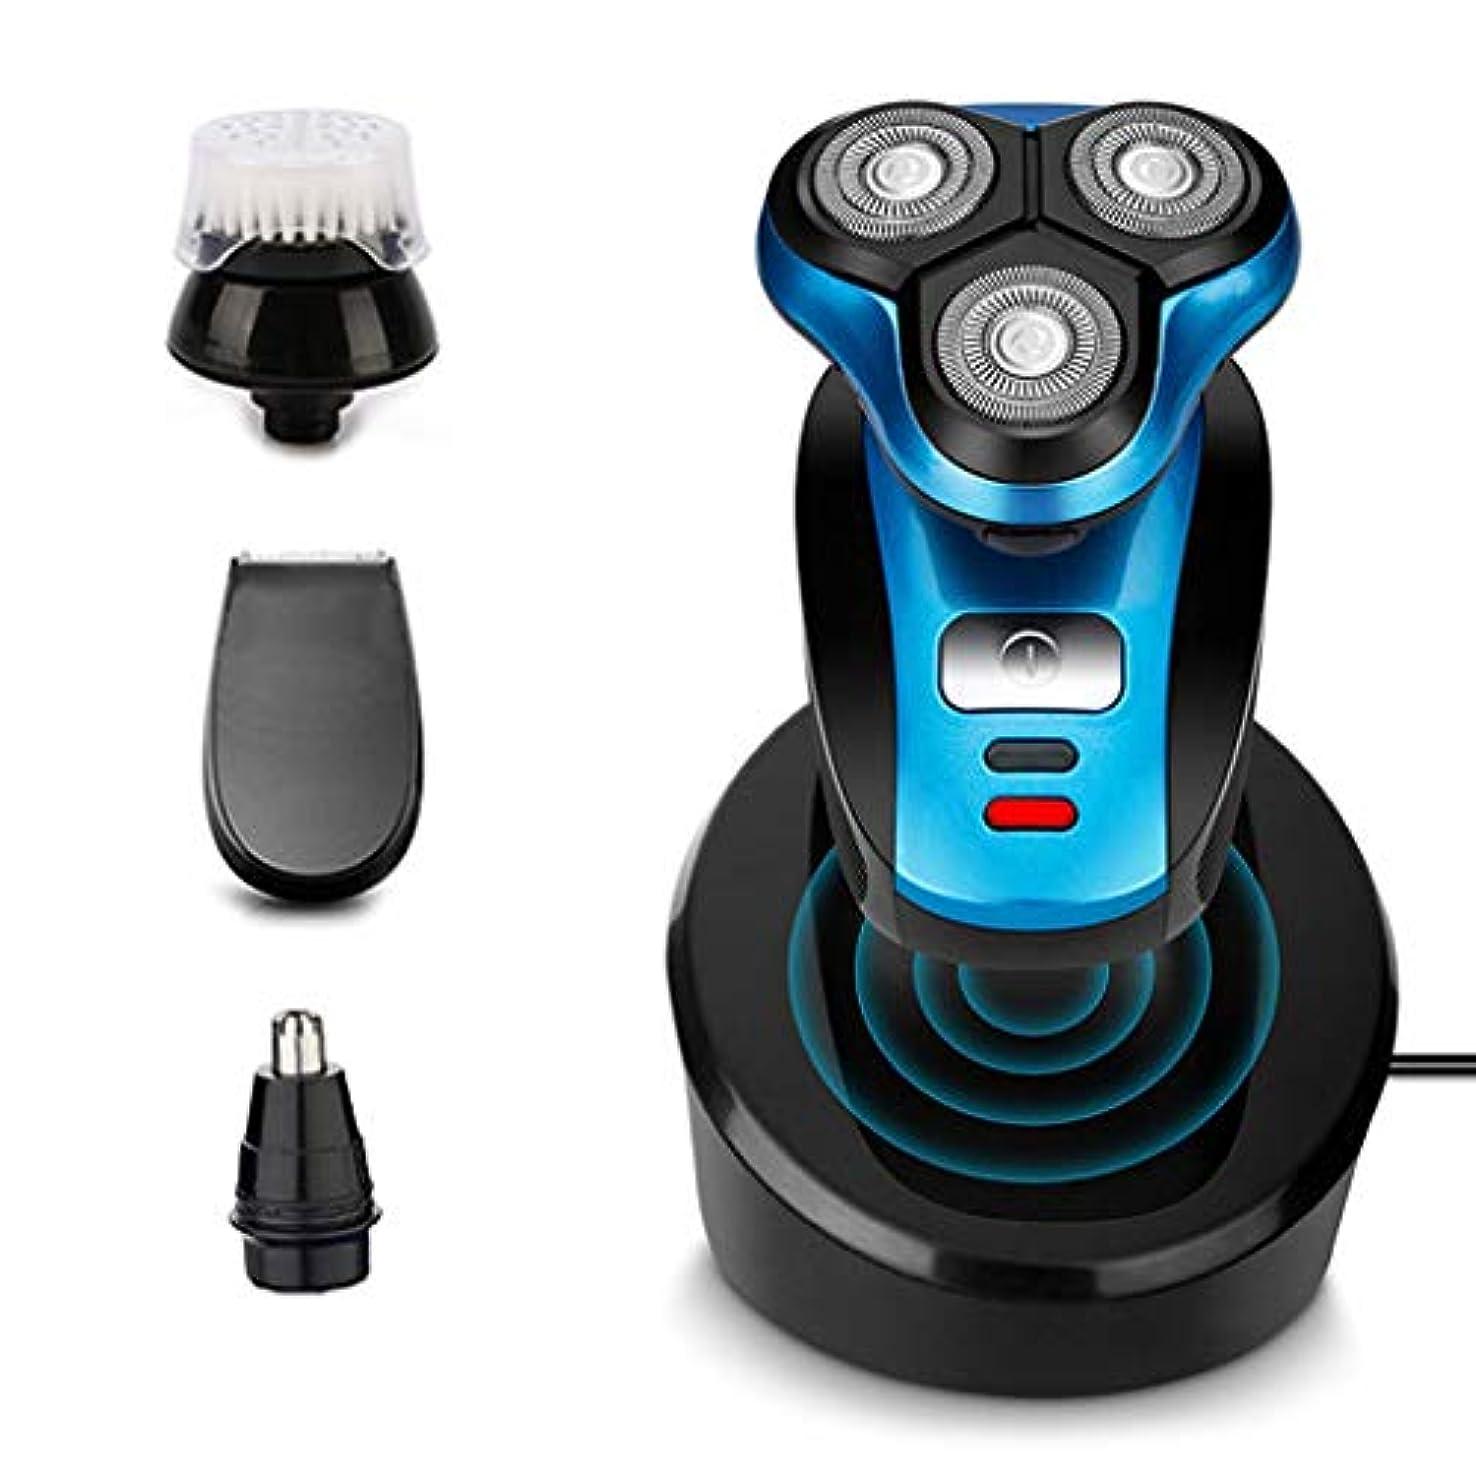 ドレインレクリエーション悪党YHSUNN USBワイヤレス充電電気シェーバー男性用フローティング3ブレードヘッド電気シェービングマシン充電式かみそりフェイスケアツール